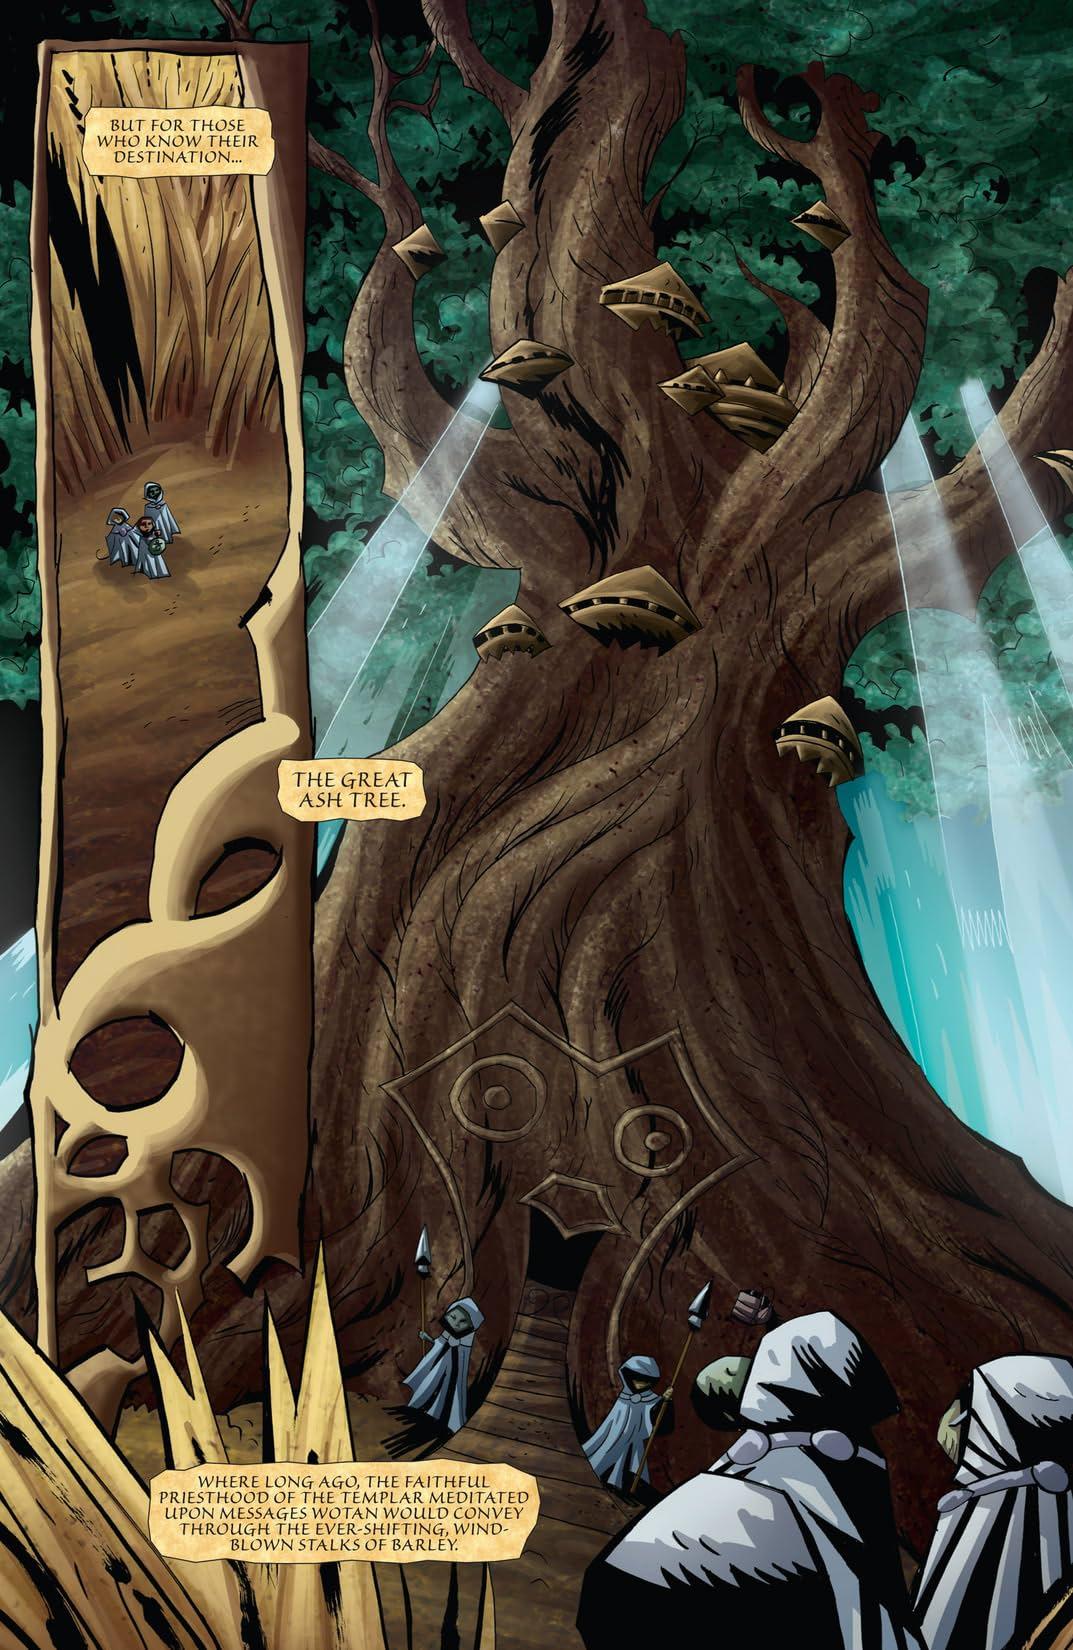 The Mice Templar Vol. 4: Legend #5